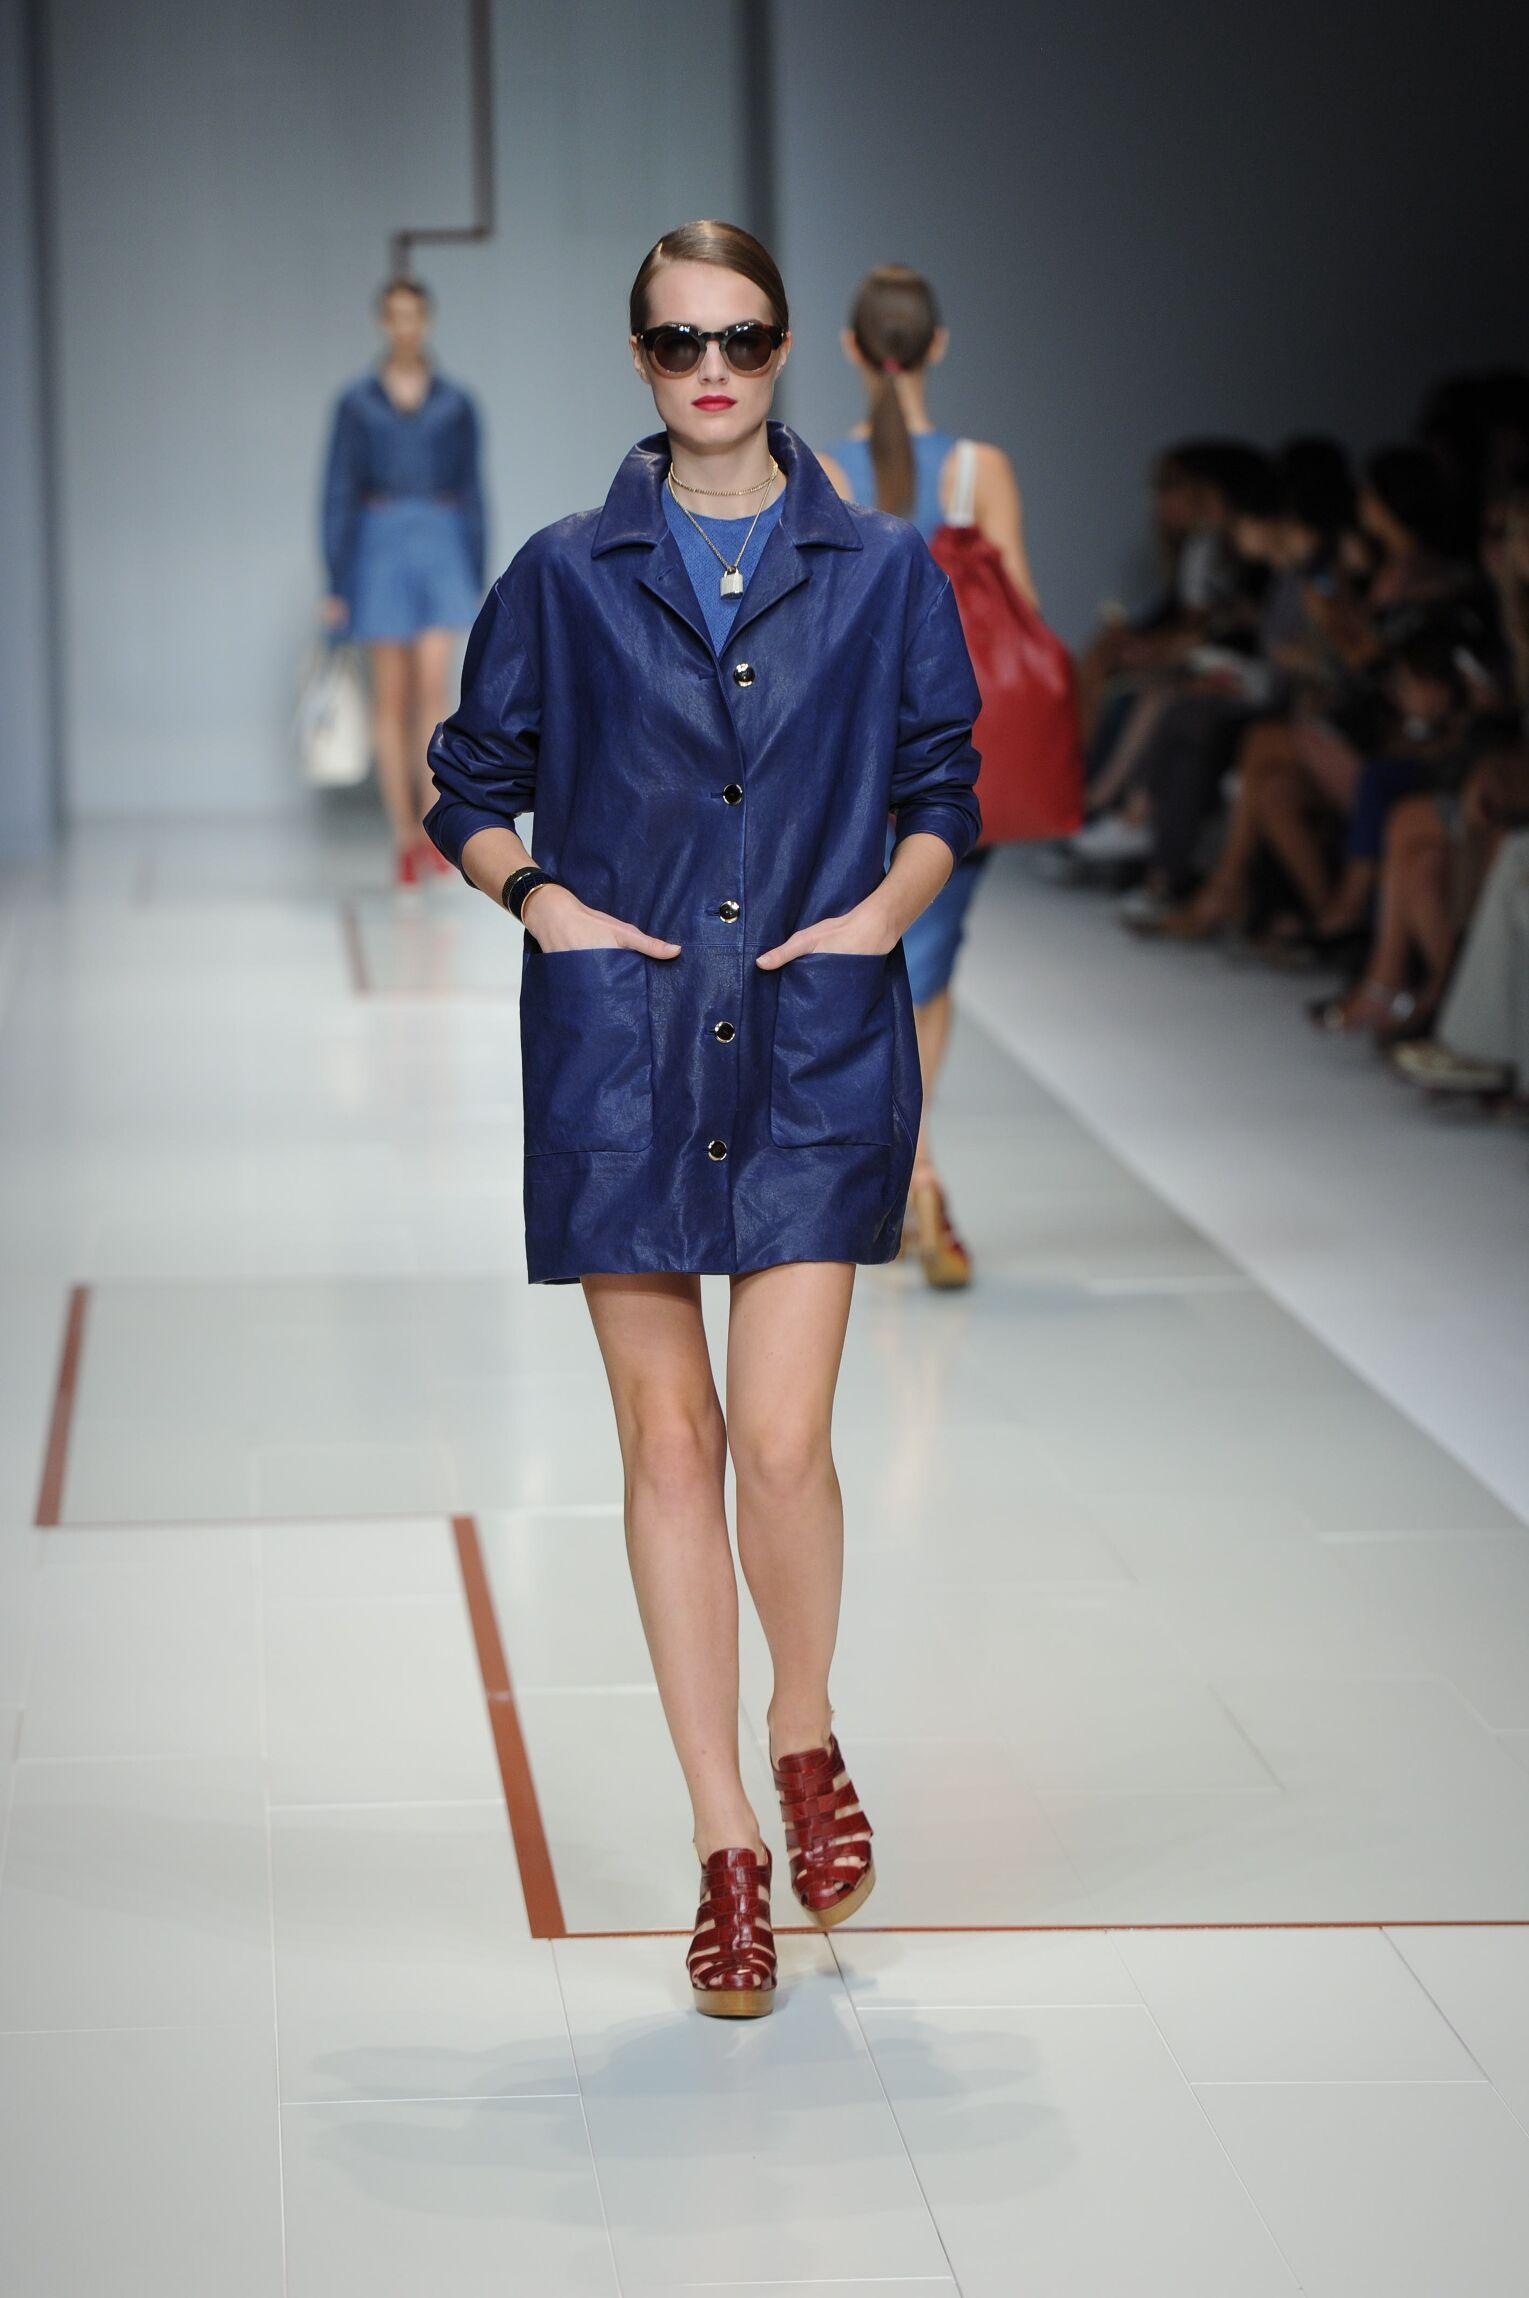 Summer Fashion Trends 2015 Trussardi